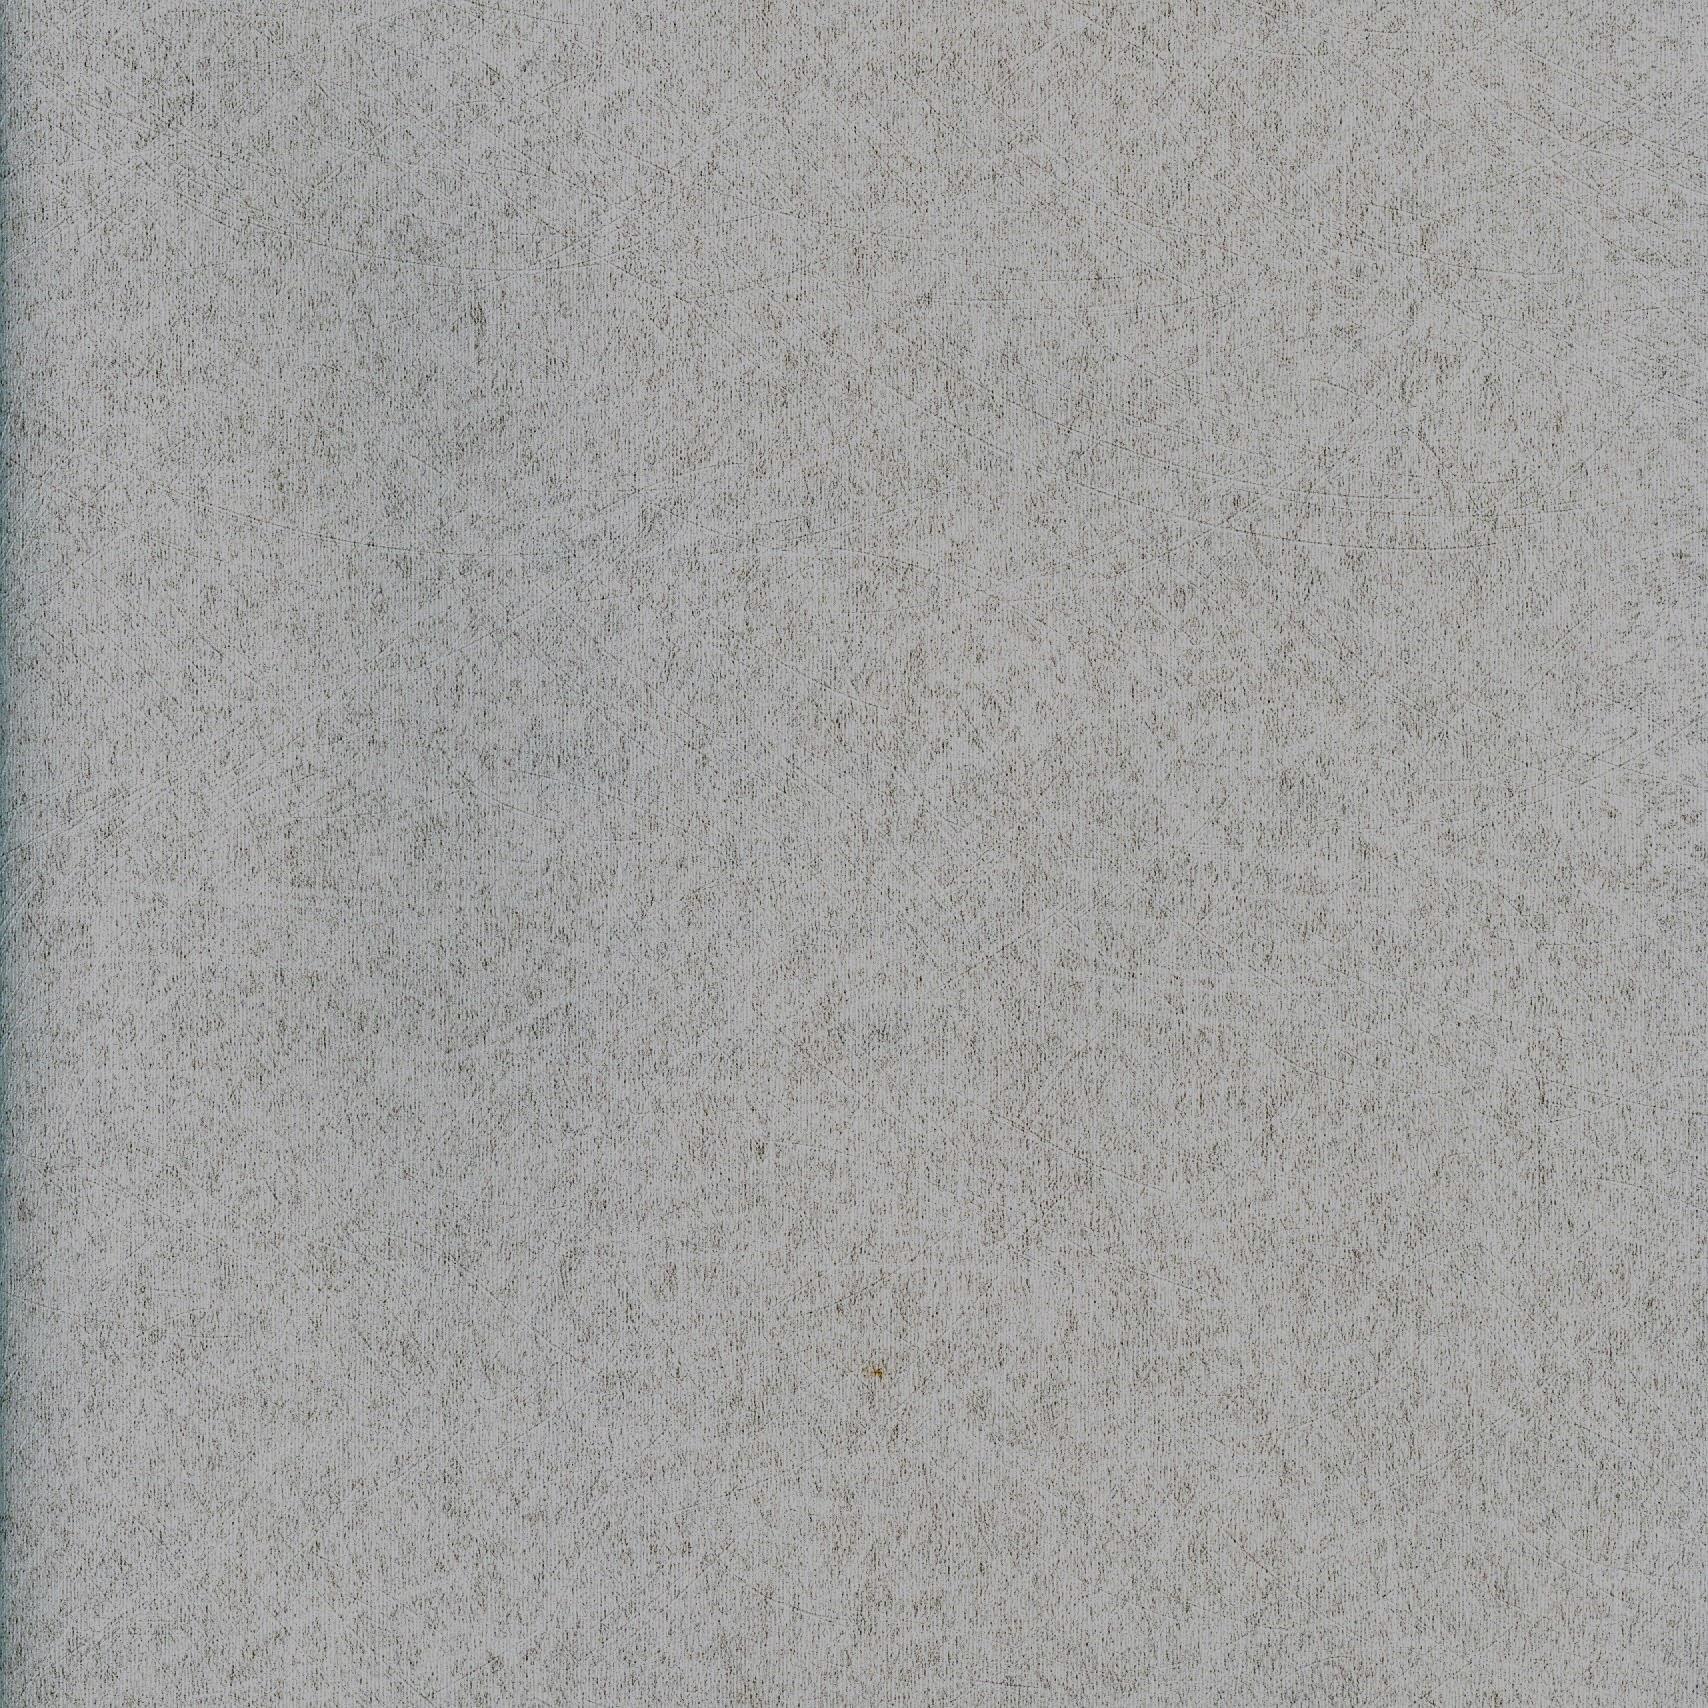 Papel de Parede Pure 2 Texturado 187203 - Rolo: 10m x 0,53m